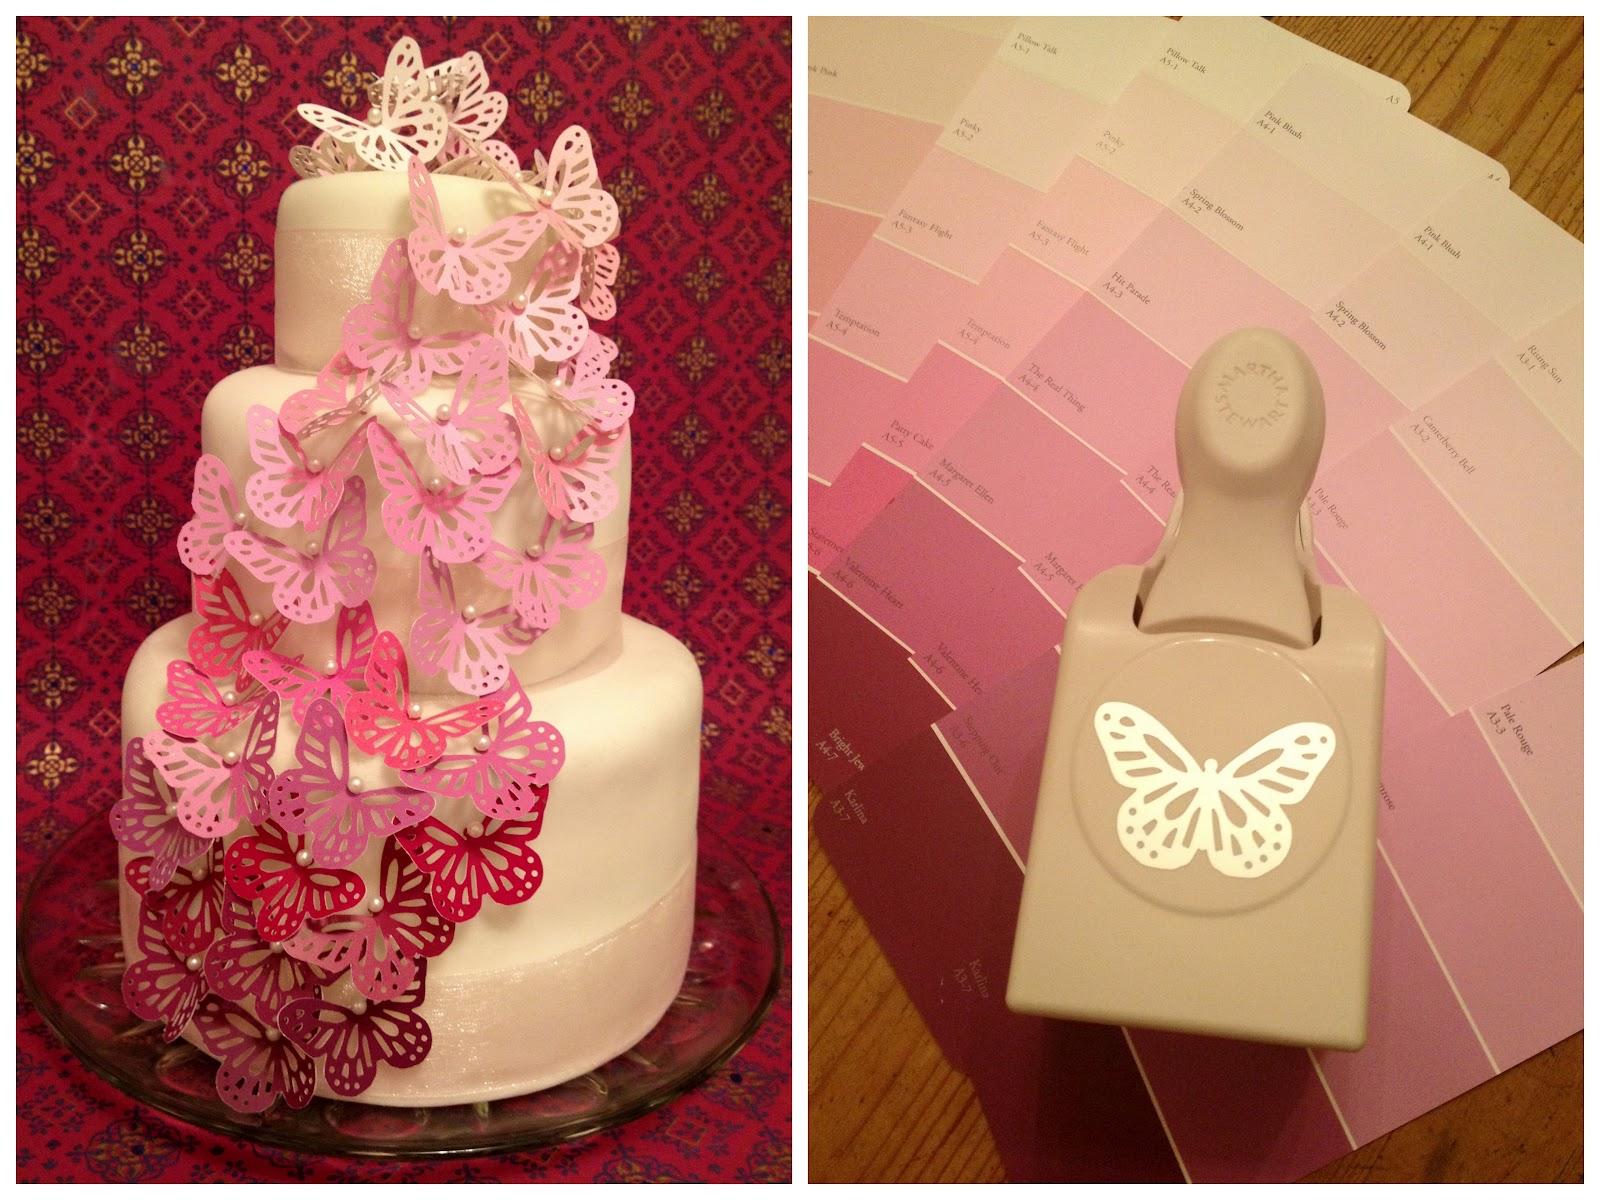 Simple Elegant Cake Decorations : *Jennuine by Rook No. 17*: Easy & Elegant Wedding Cake You ...